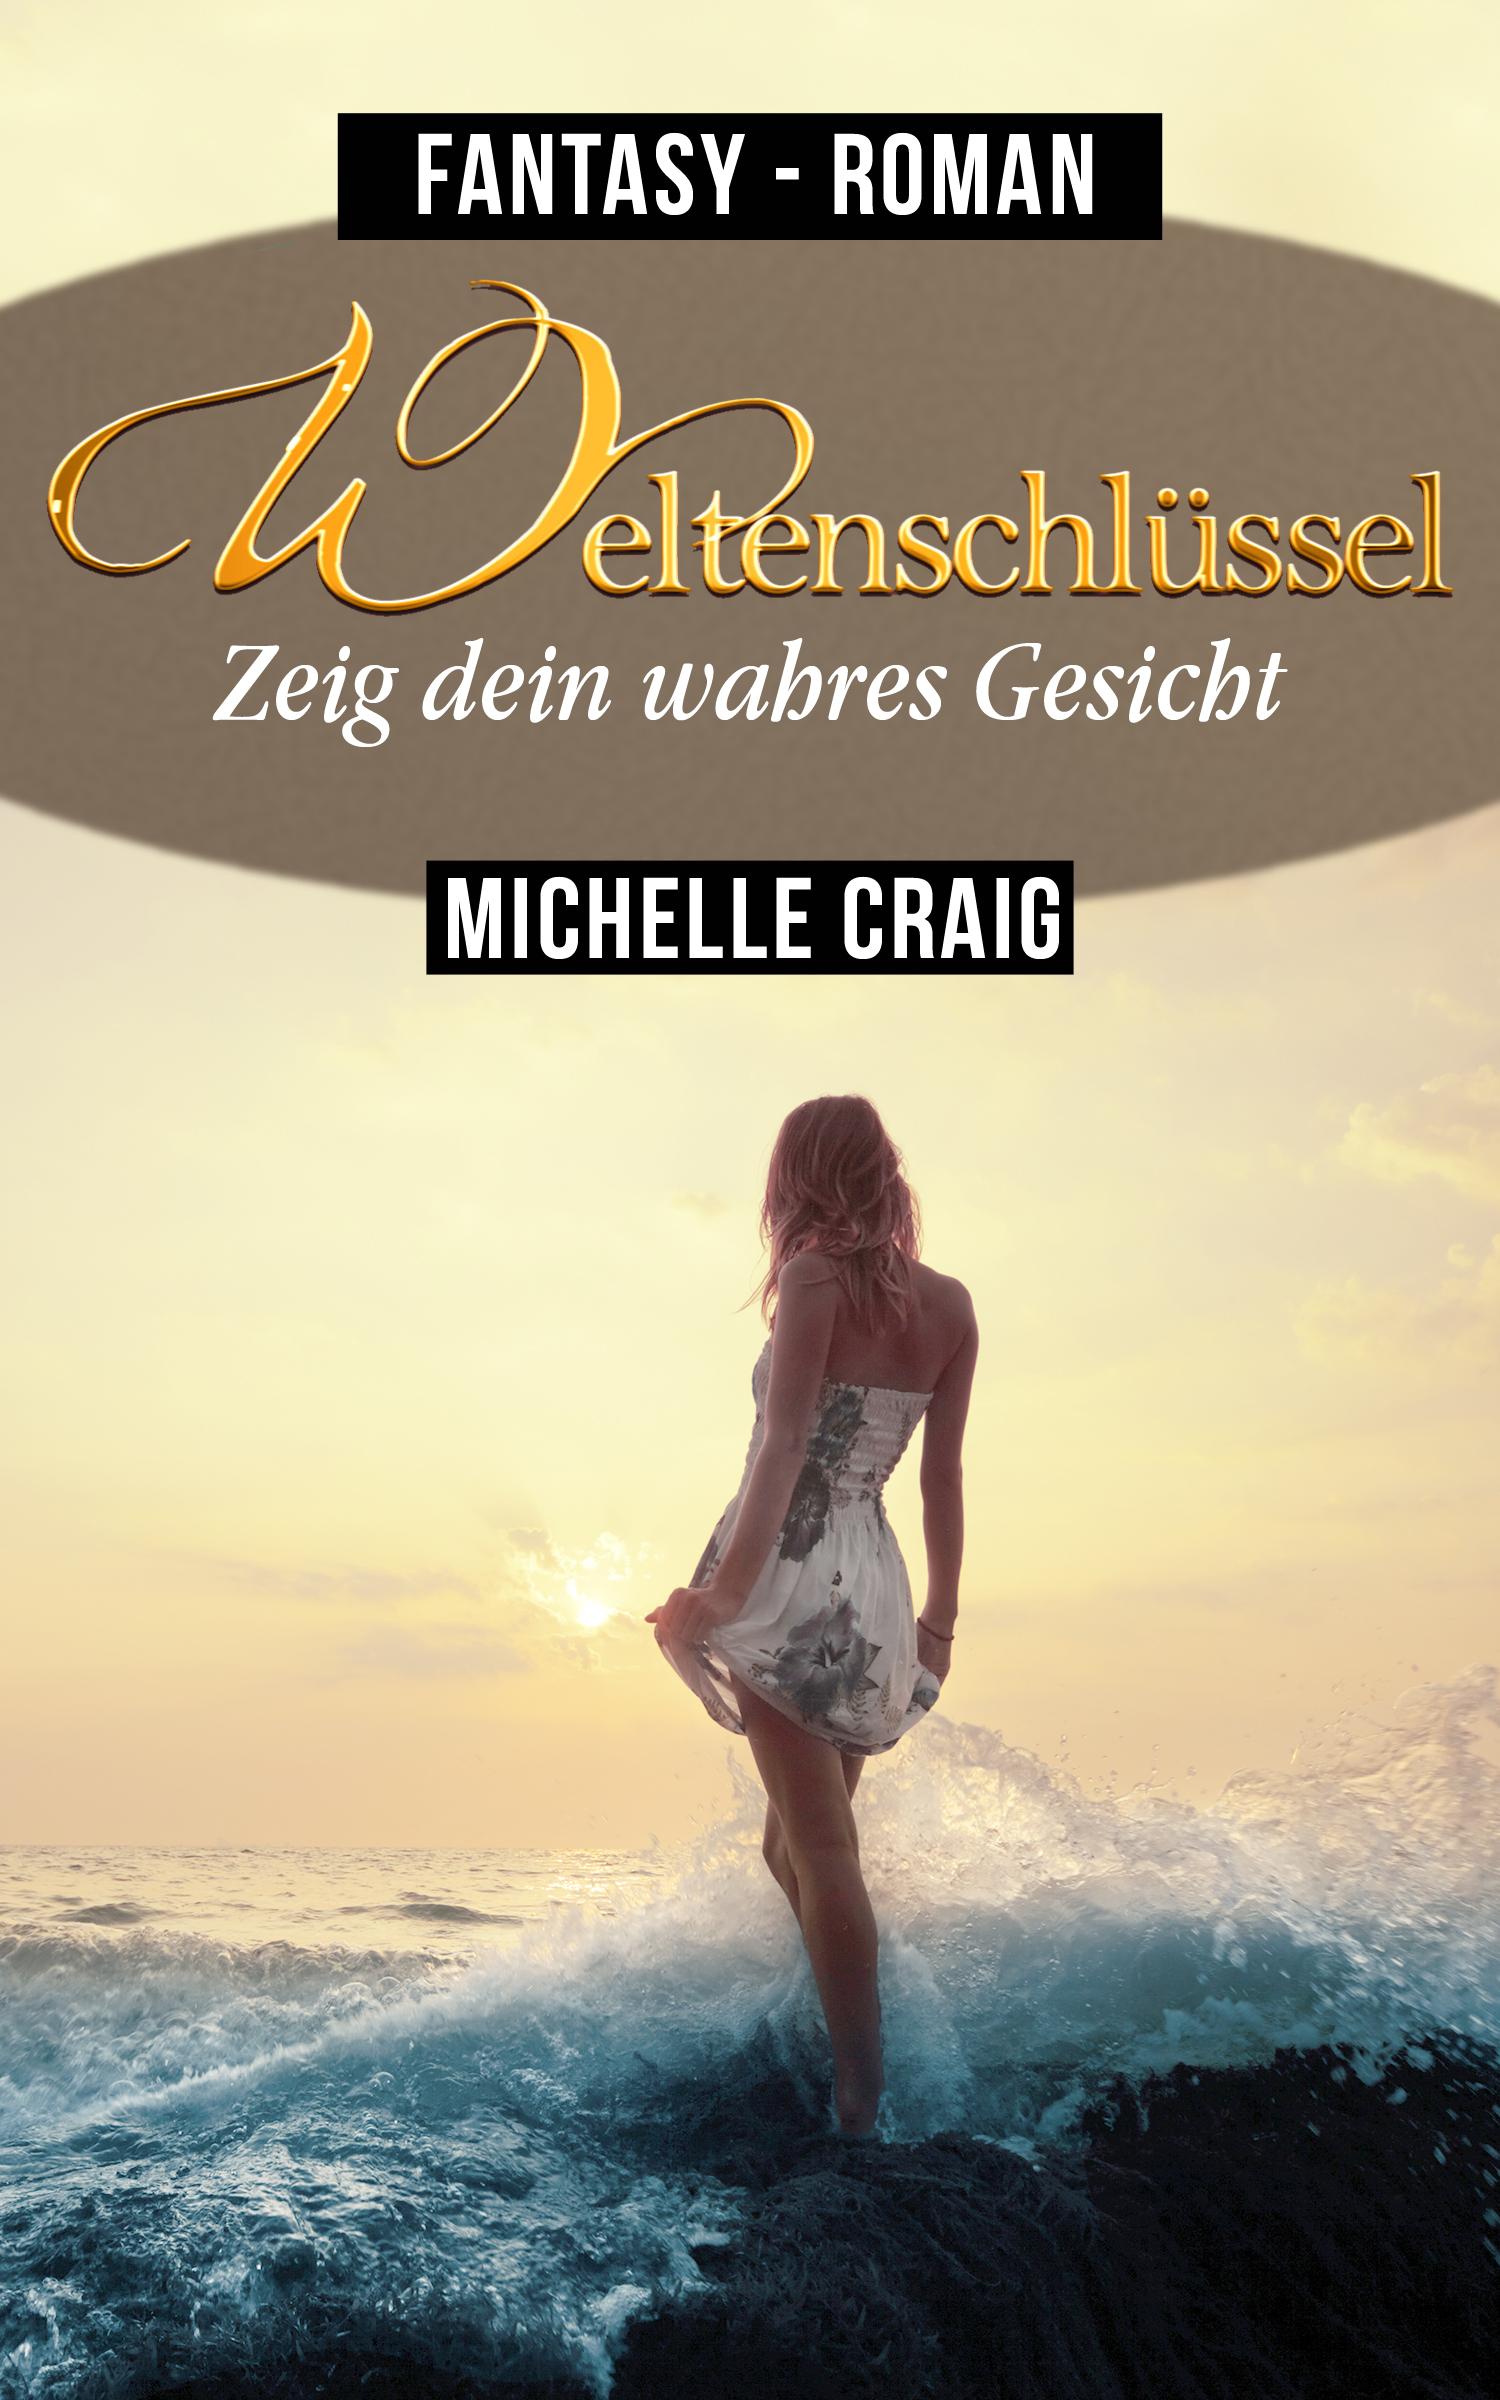 Michelle Craig – Weltenschlüssel: Zeig dein wahres Gesicht